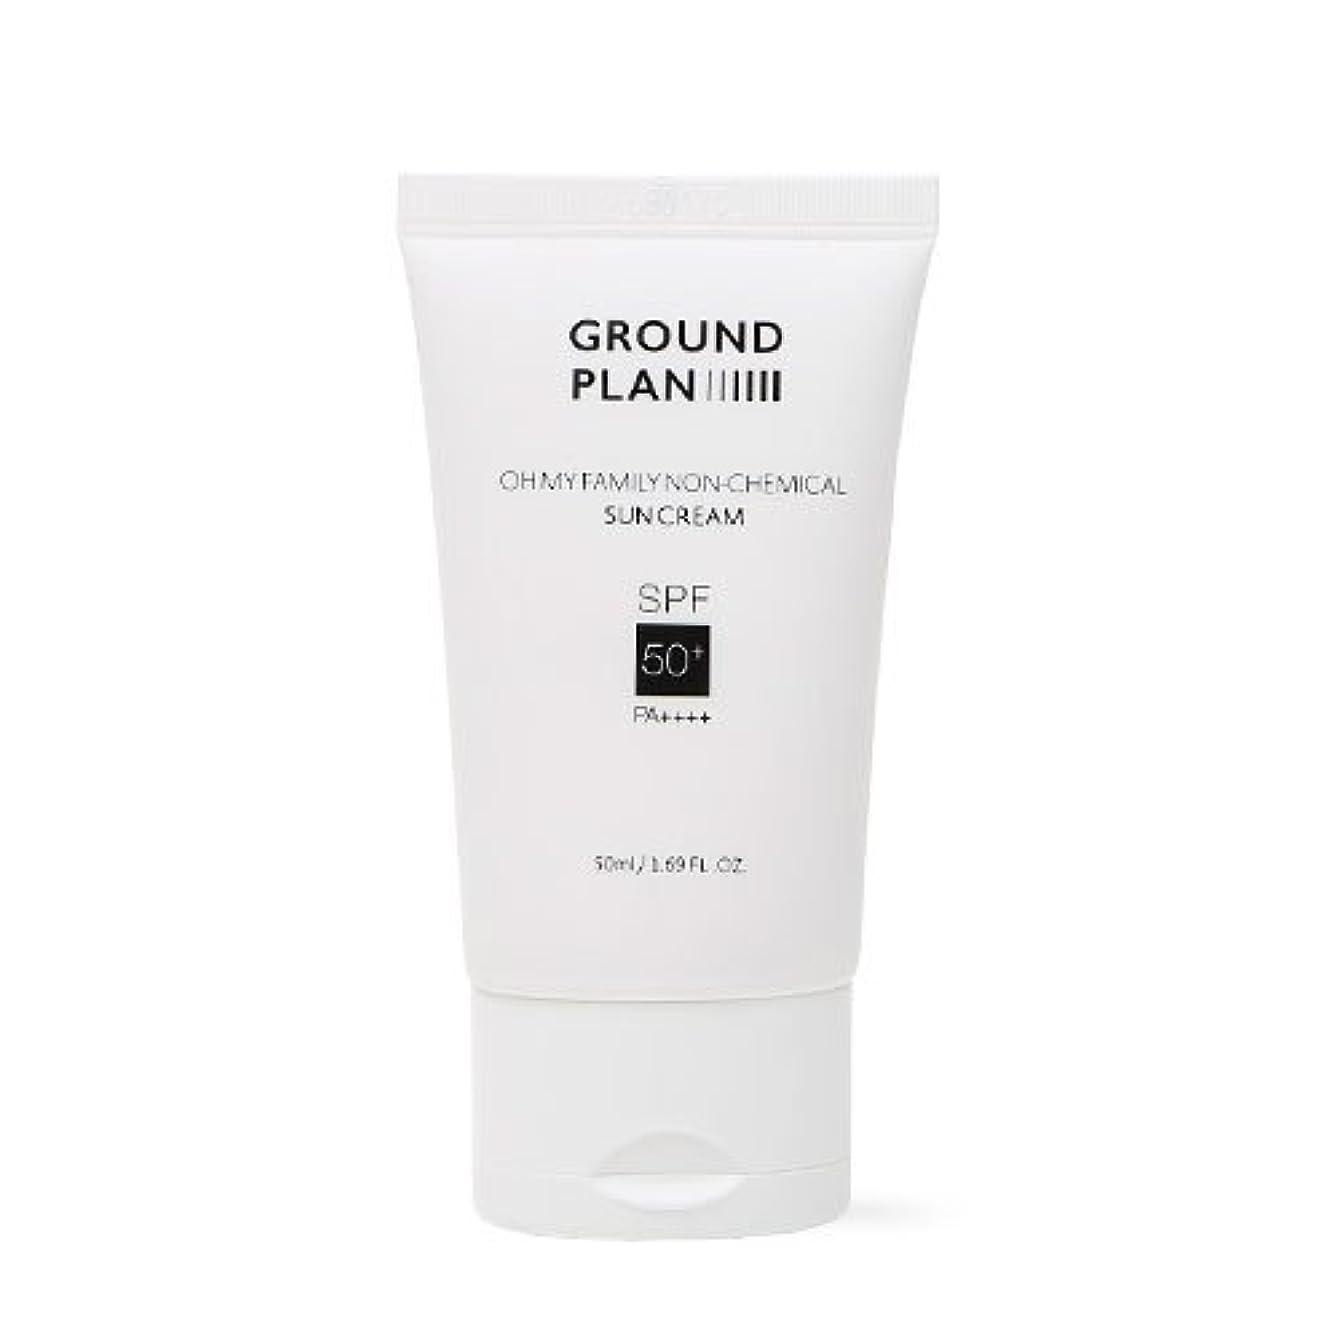 トランスミッションコスチューム硬い[GROUND PLAN] Oh My Family Non-Chemical Sun Cream 50ml グラウンドプランファミリーノンケミカルサンクリーム [並行輸入品]